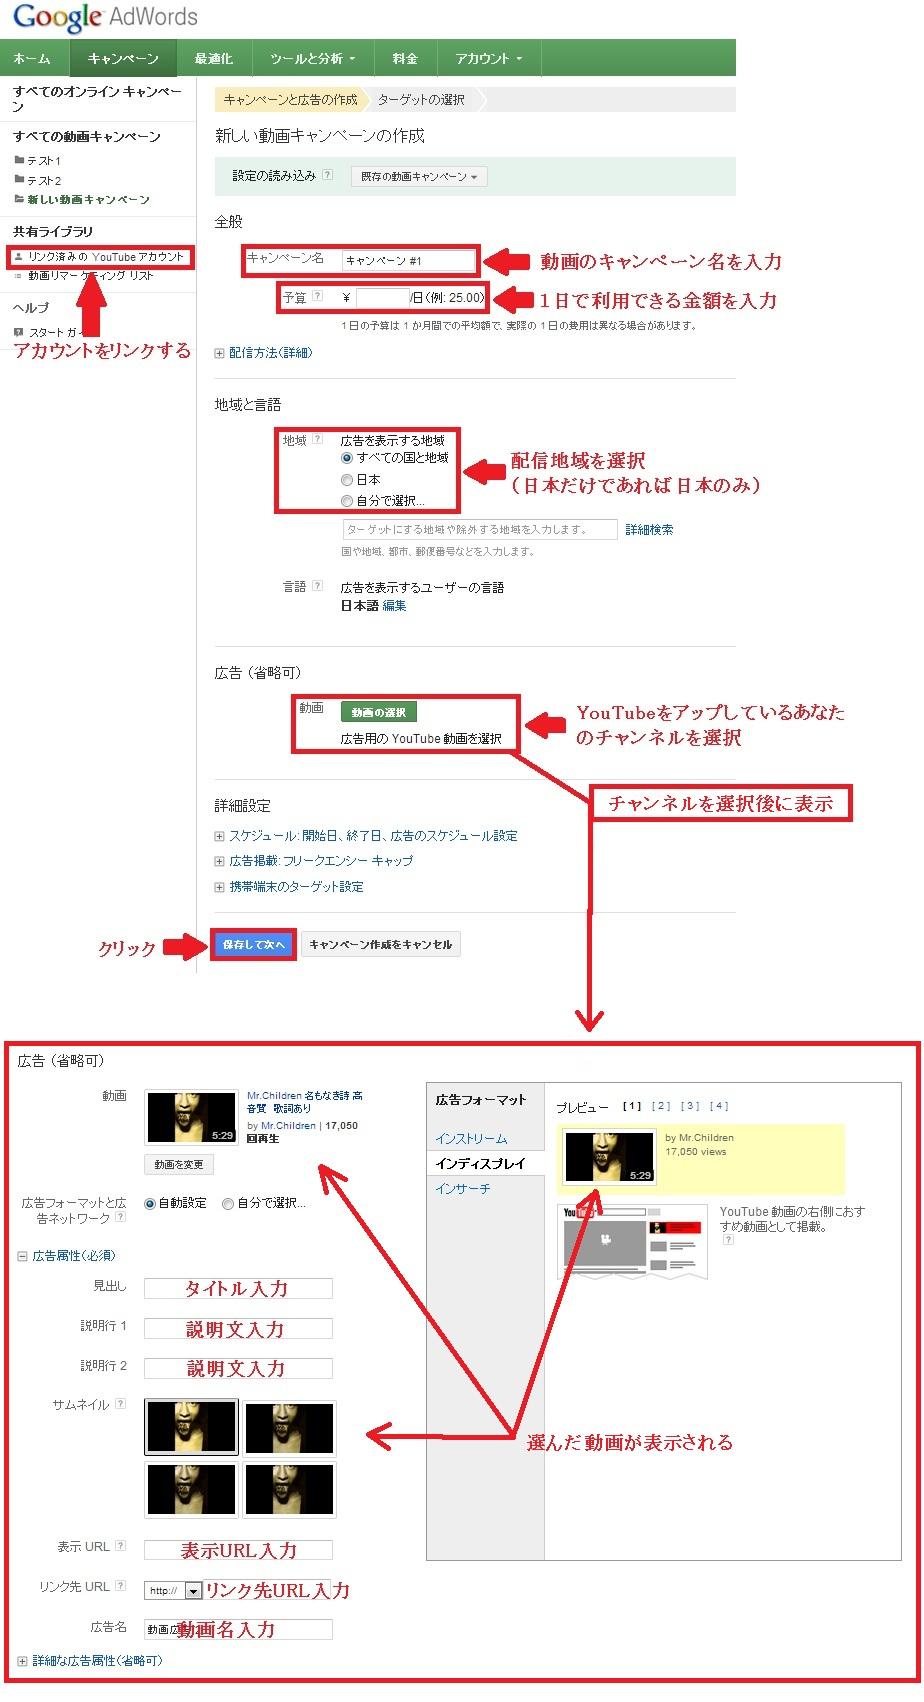 「リンク済みのYouTubeアカウント」